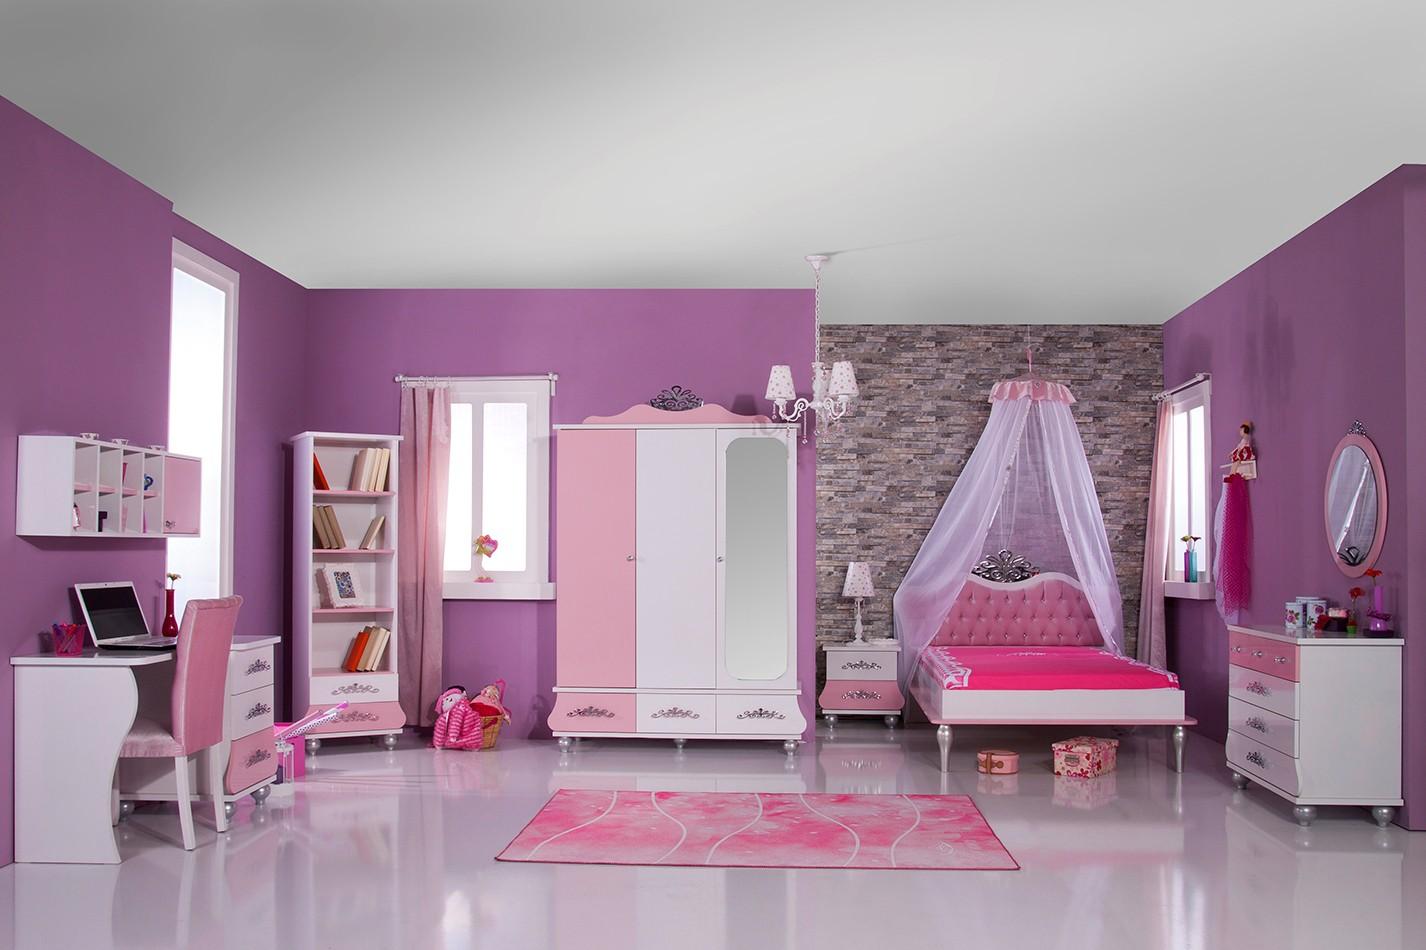 Roze Blauwe Kinderkamers : Kinderkamer roze blauw meisjeskamer inspiratie bij saartje prum